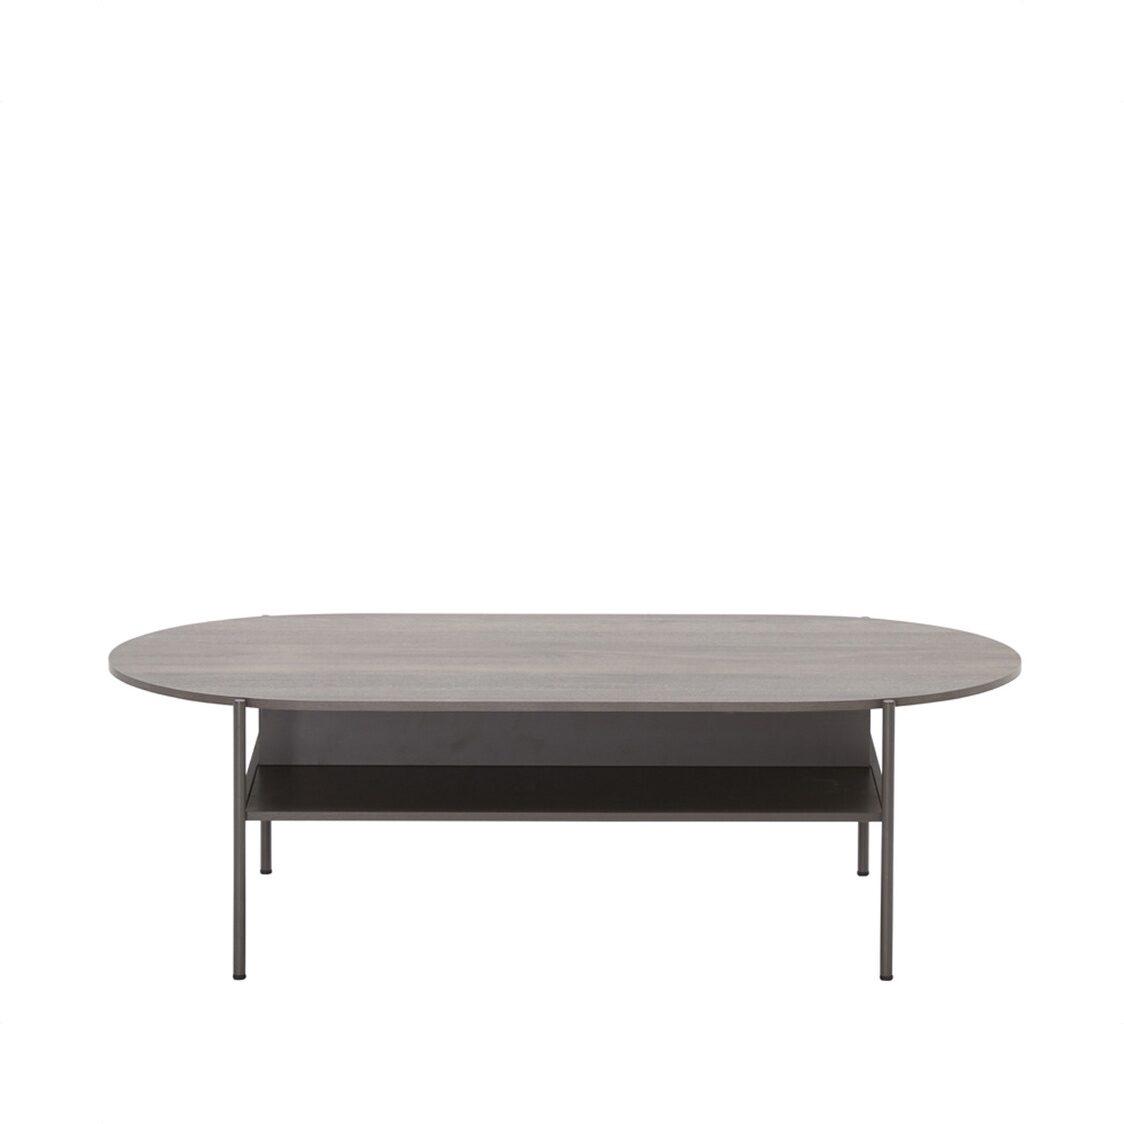 Iloom Rota Sofa Table HLA0T12ELN-LDDG